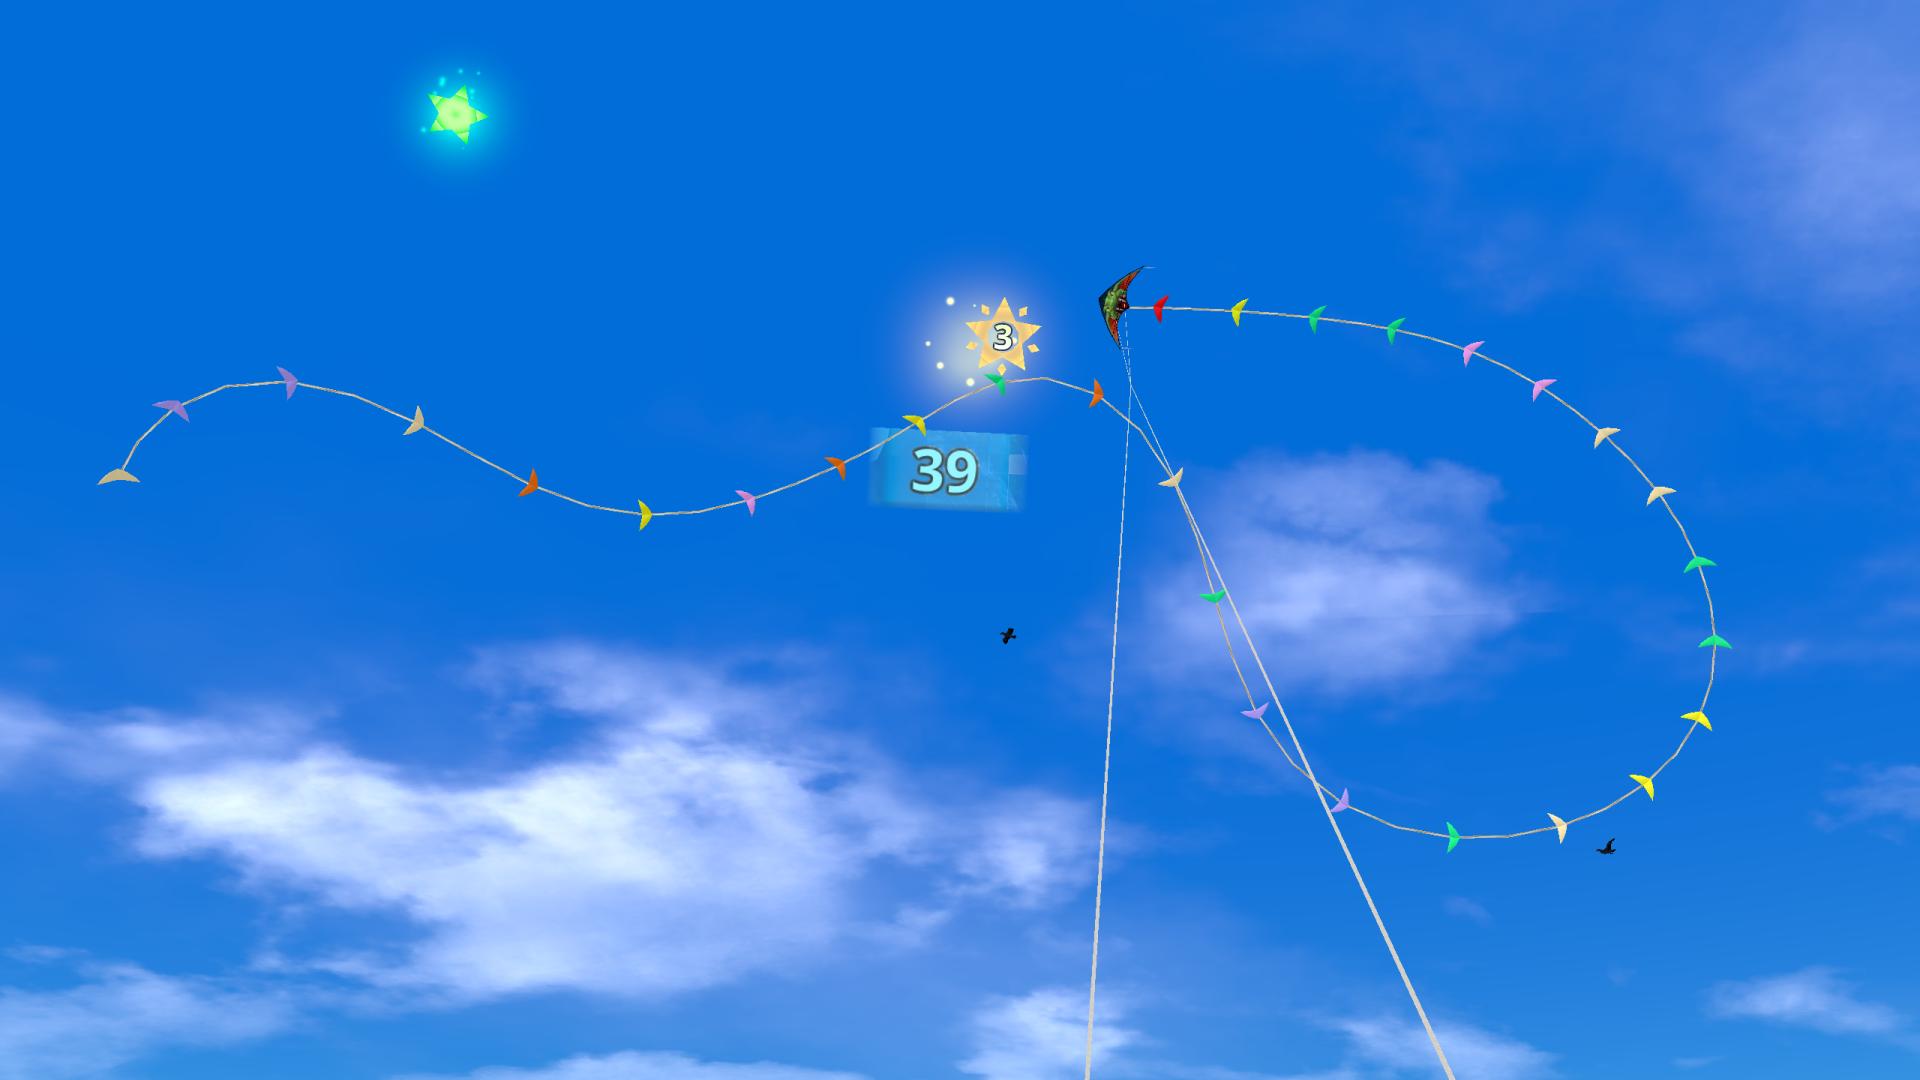 Stunt Kite Masters screenshot 4